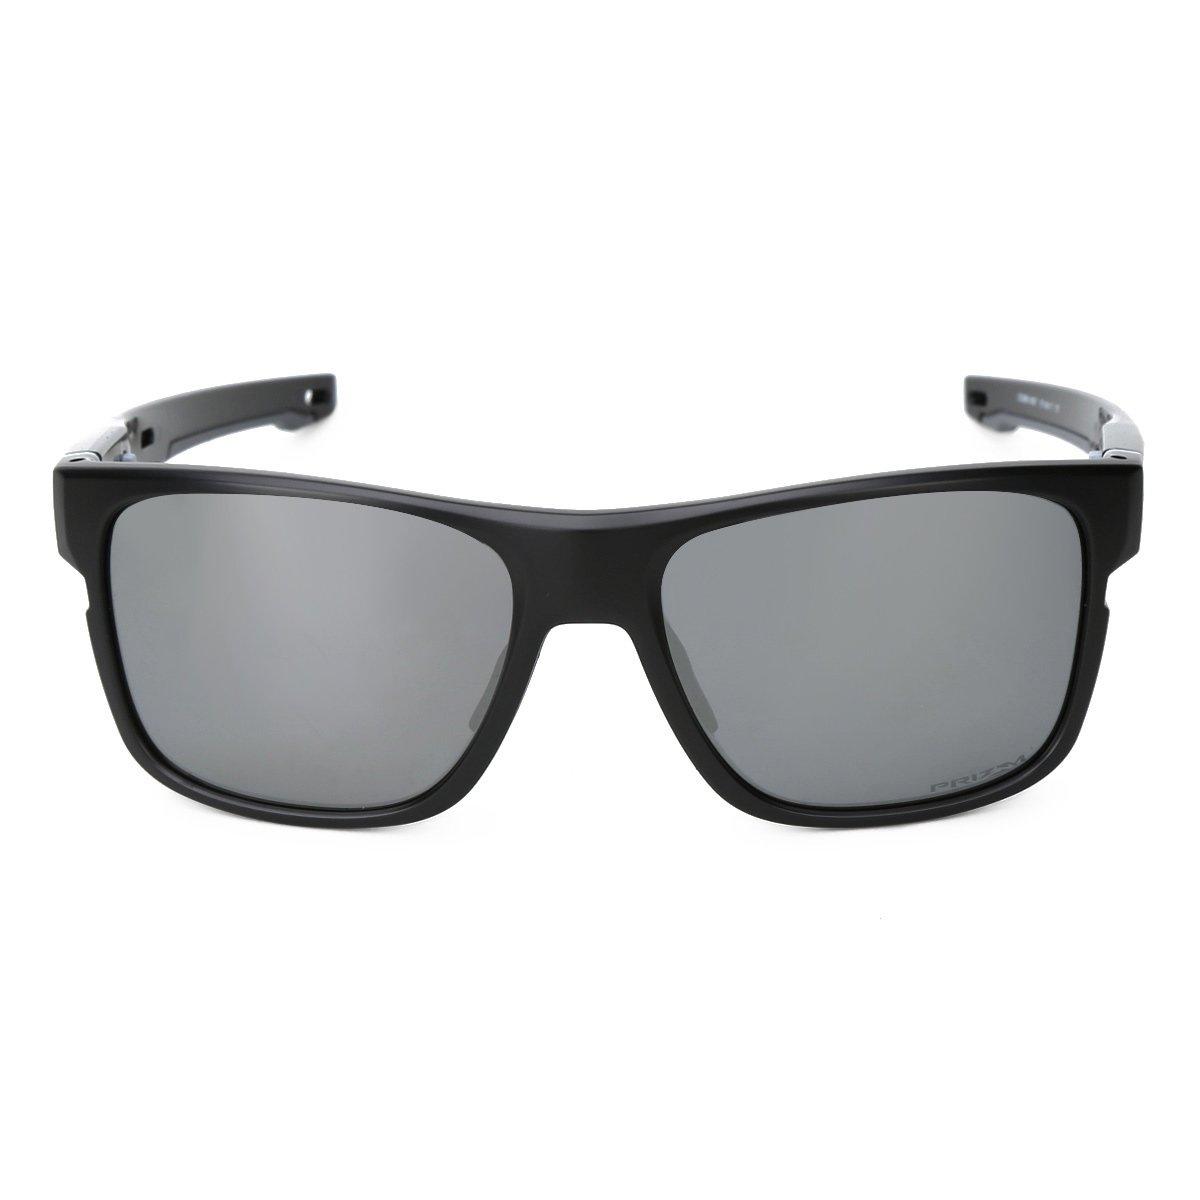 8fd460020f272 Óculos de Sol Oakley Crossrange Masculino - Compre Agora   Netshoes